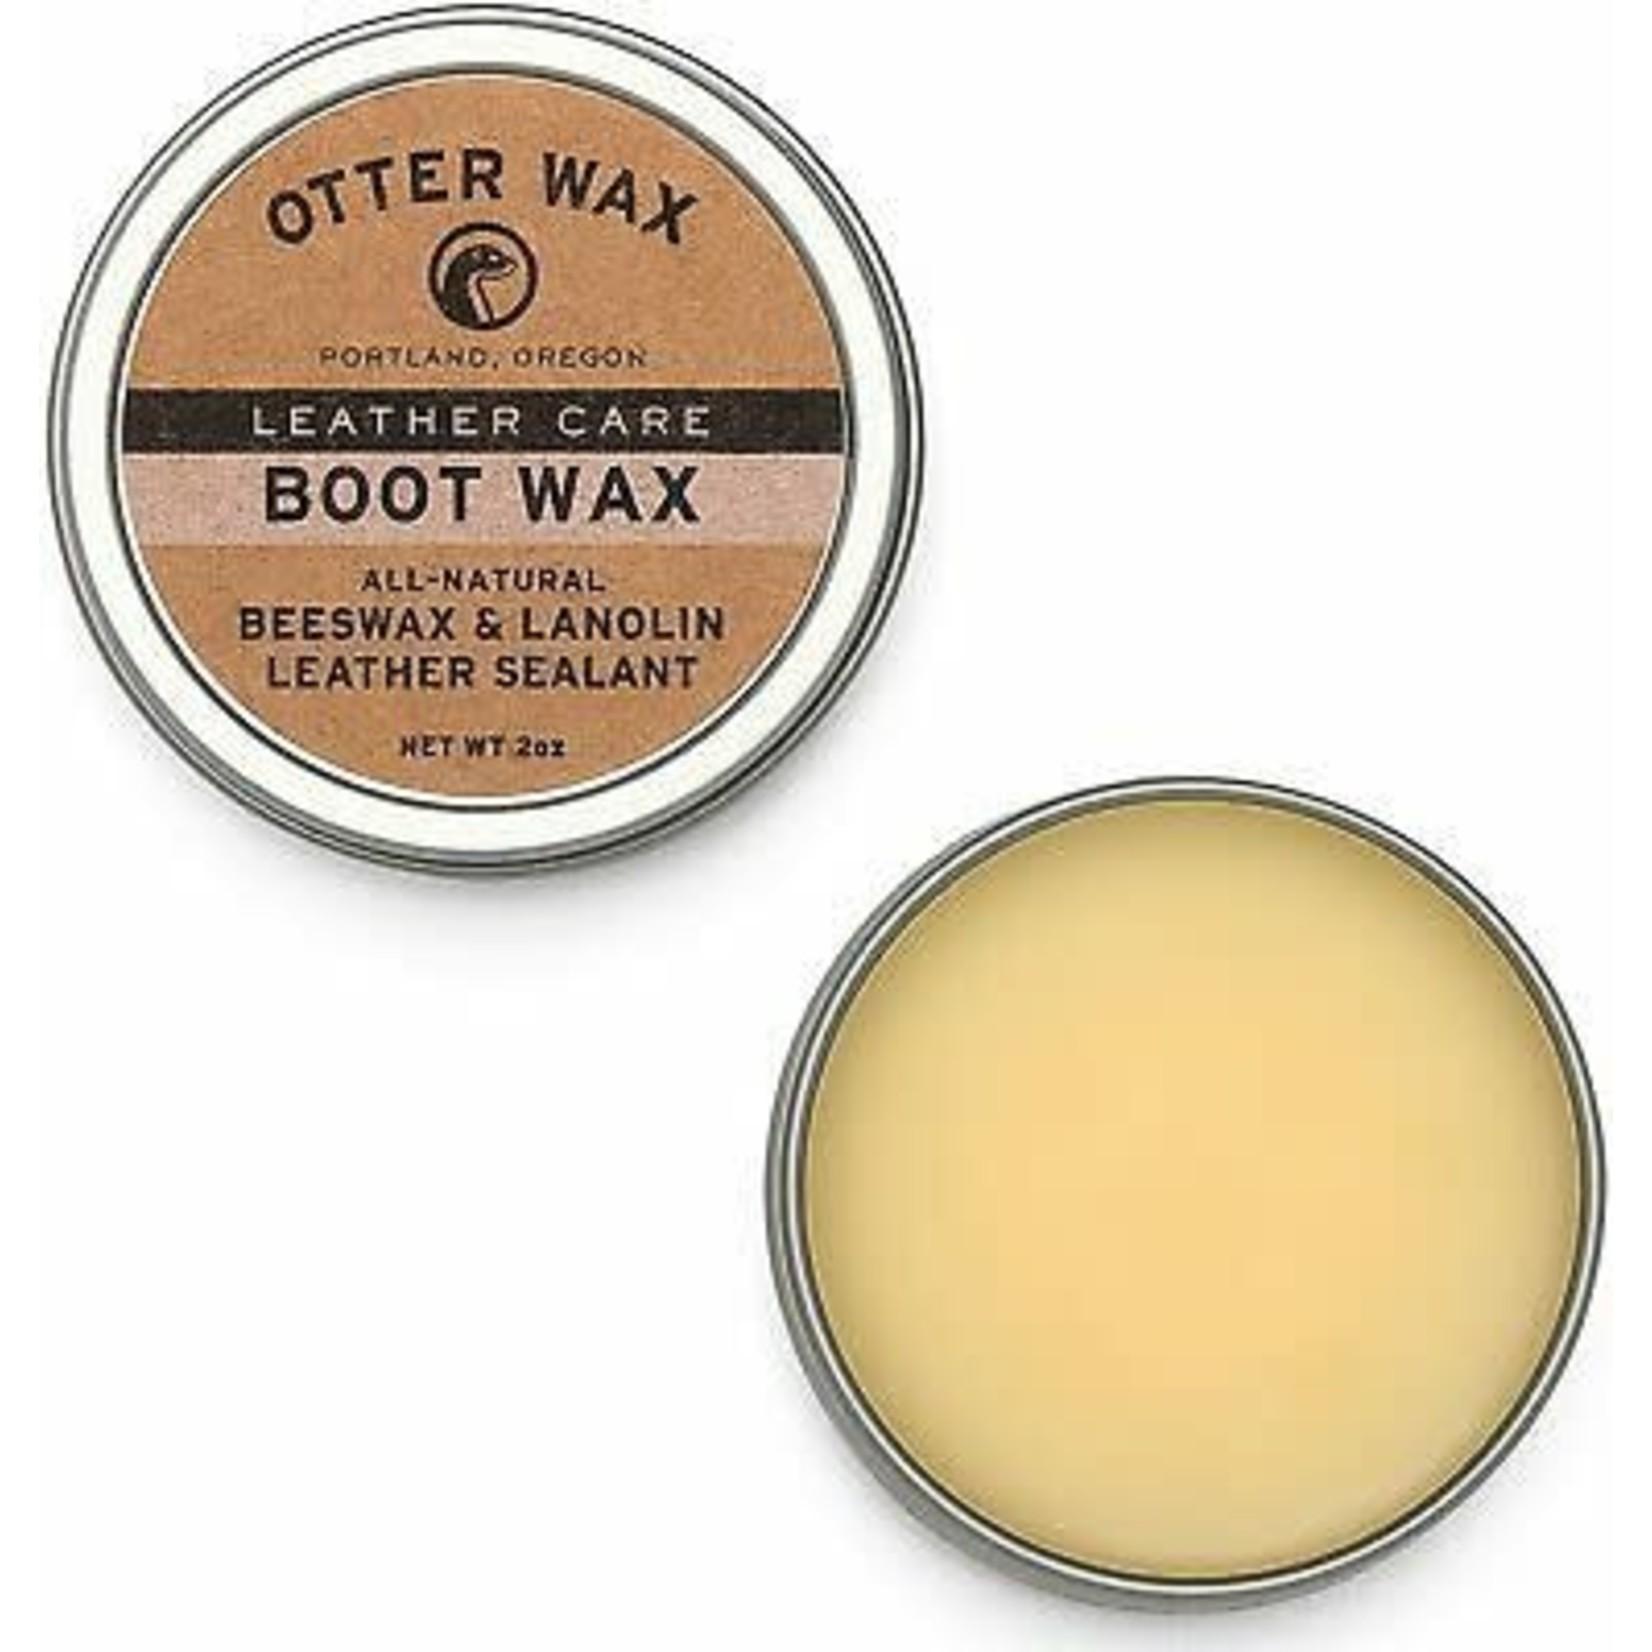 Otter Wax Boot Wax 2 oz.